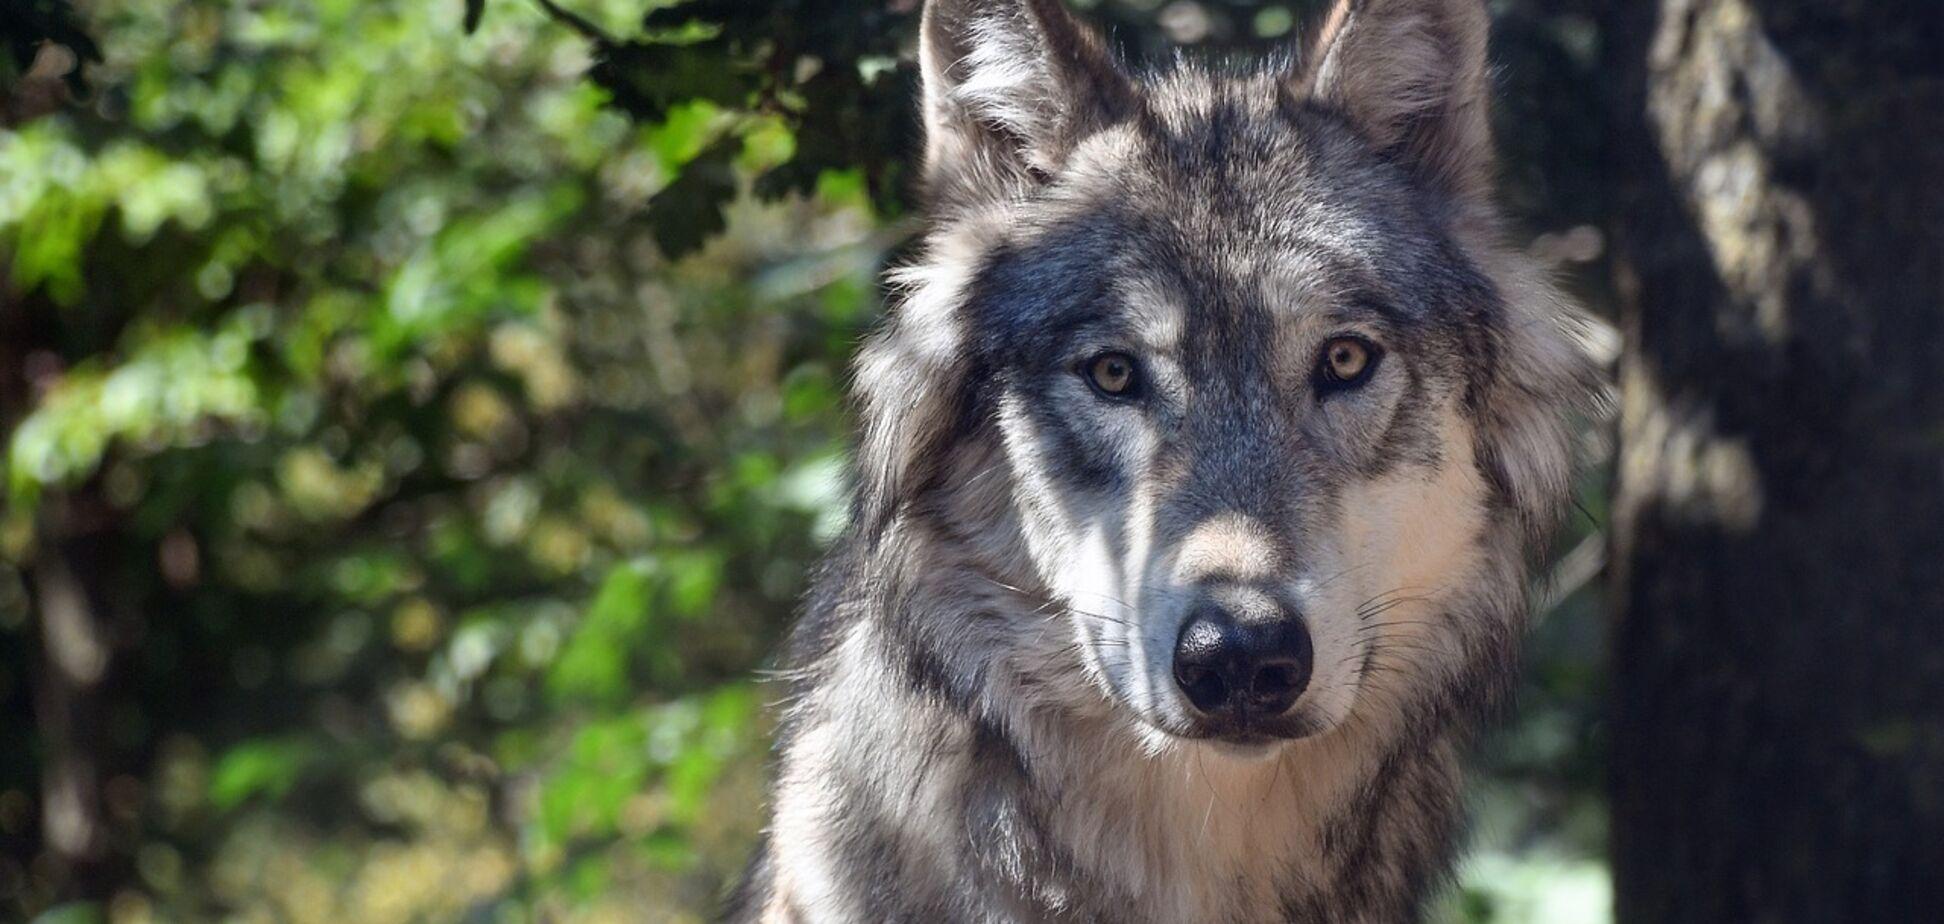 На сотни километров от зоны отчуждения: ученые проследили миграцию 'чернобыльского' волка